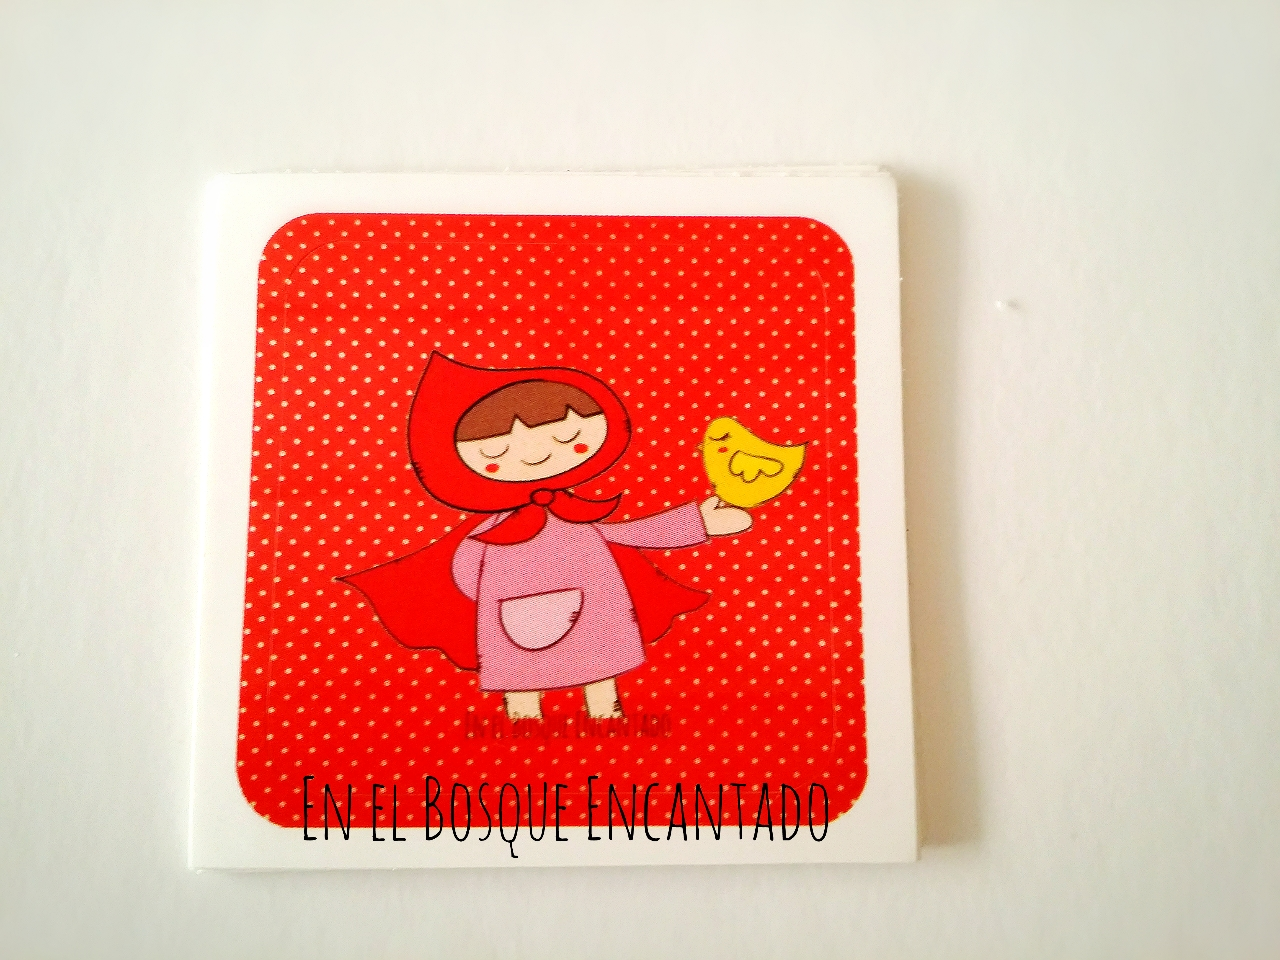 Sticker_El_Bosque_Encantado